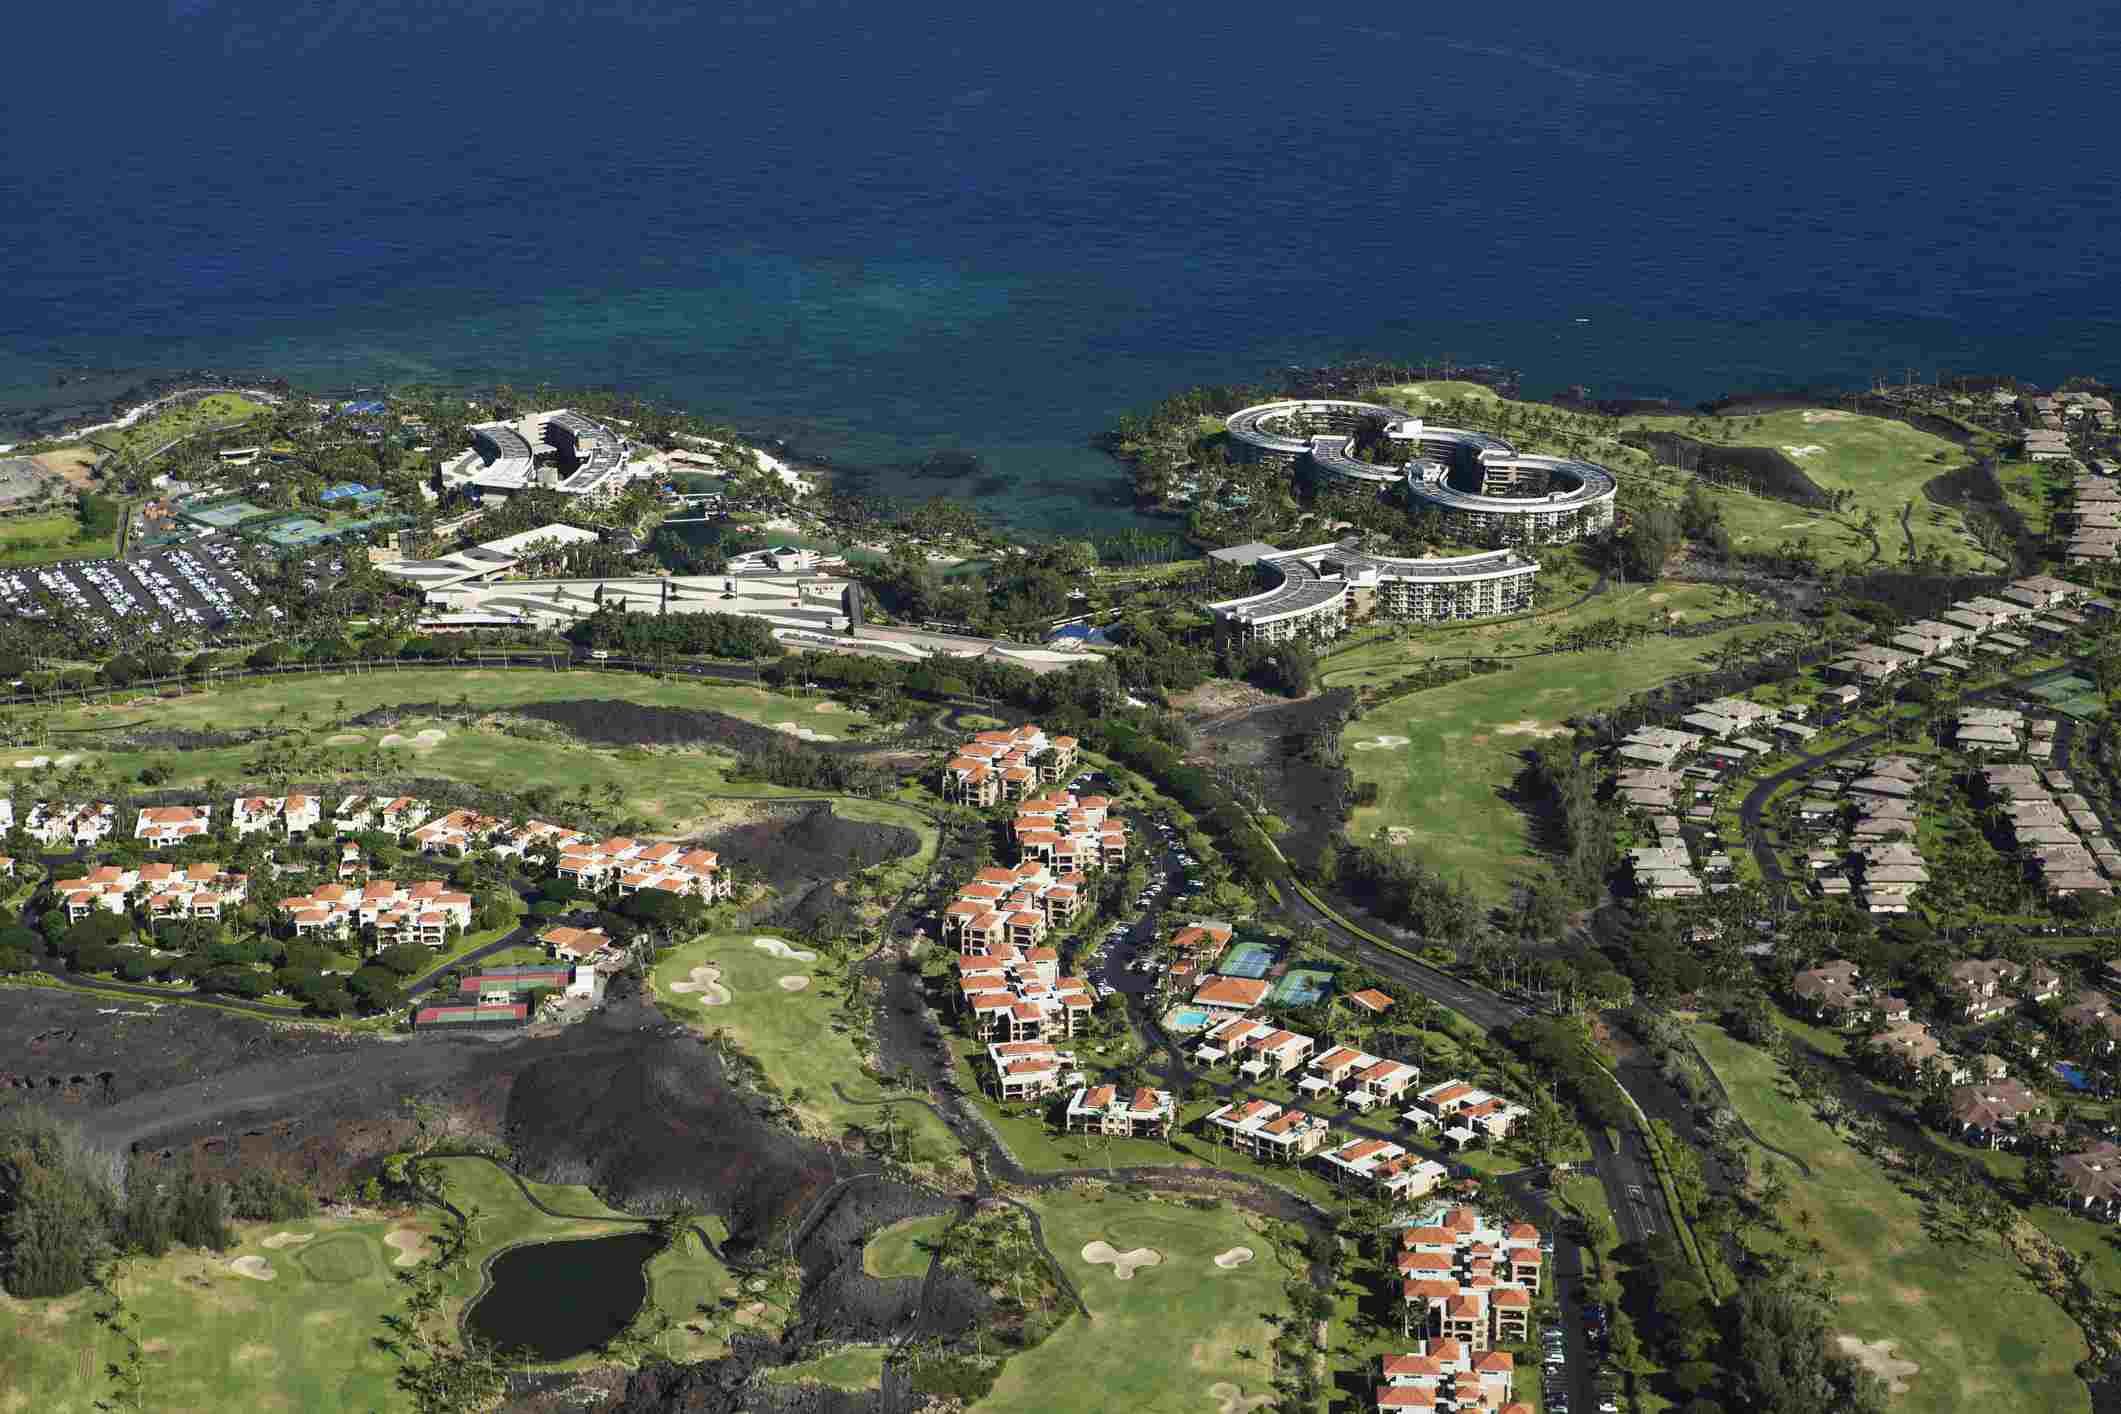 Aerial view of Hilton Waikoloa Village, Kingsland, Kings golf course; Waikoloa, Island of Hawaii, Hawaii, United States of America